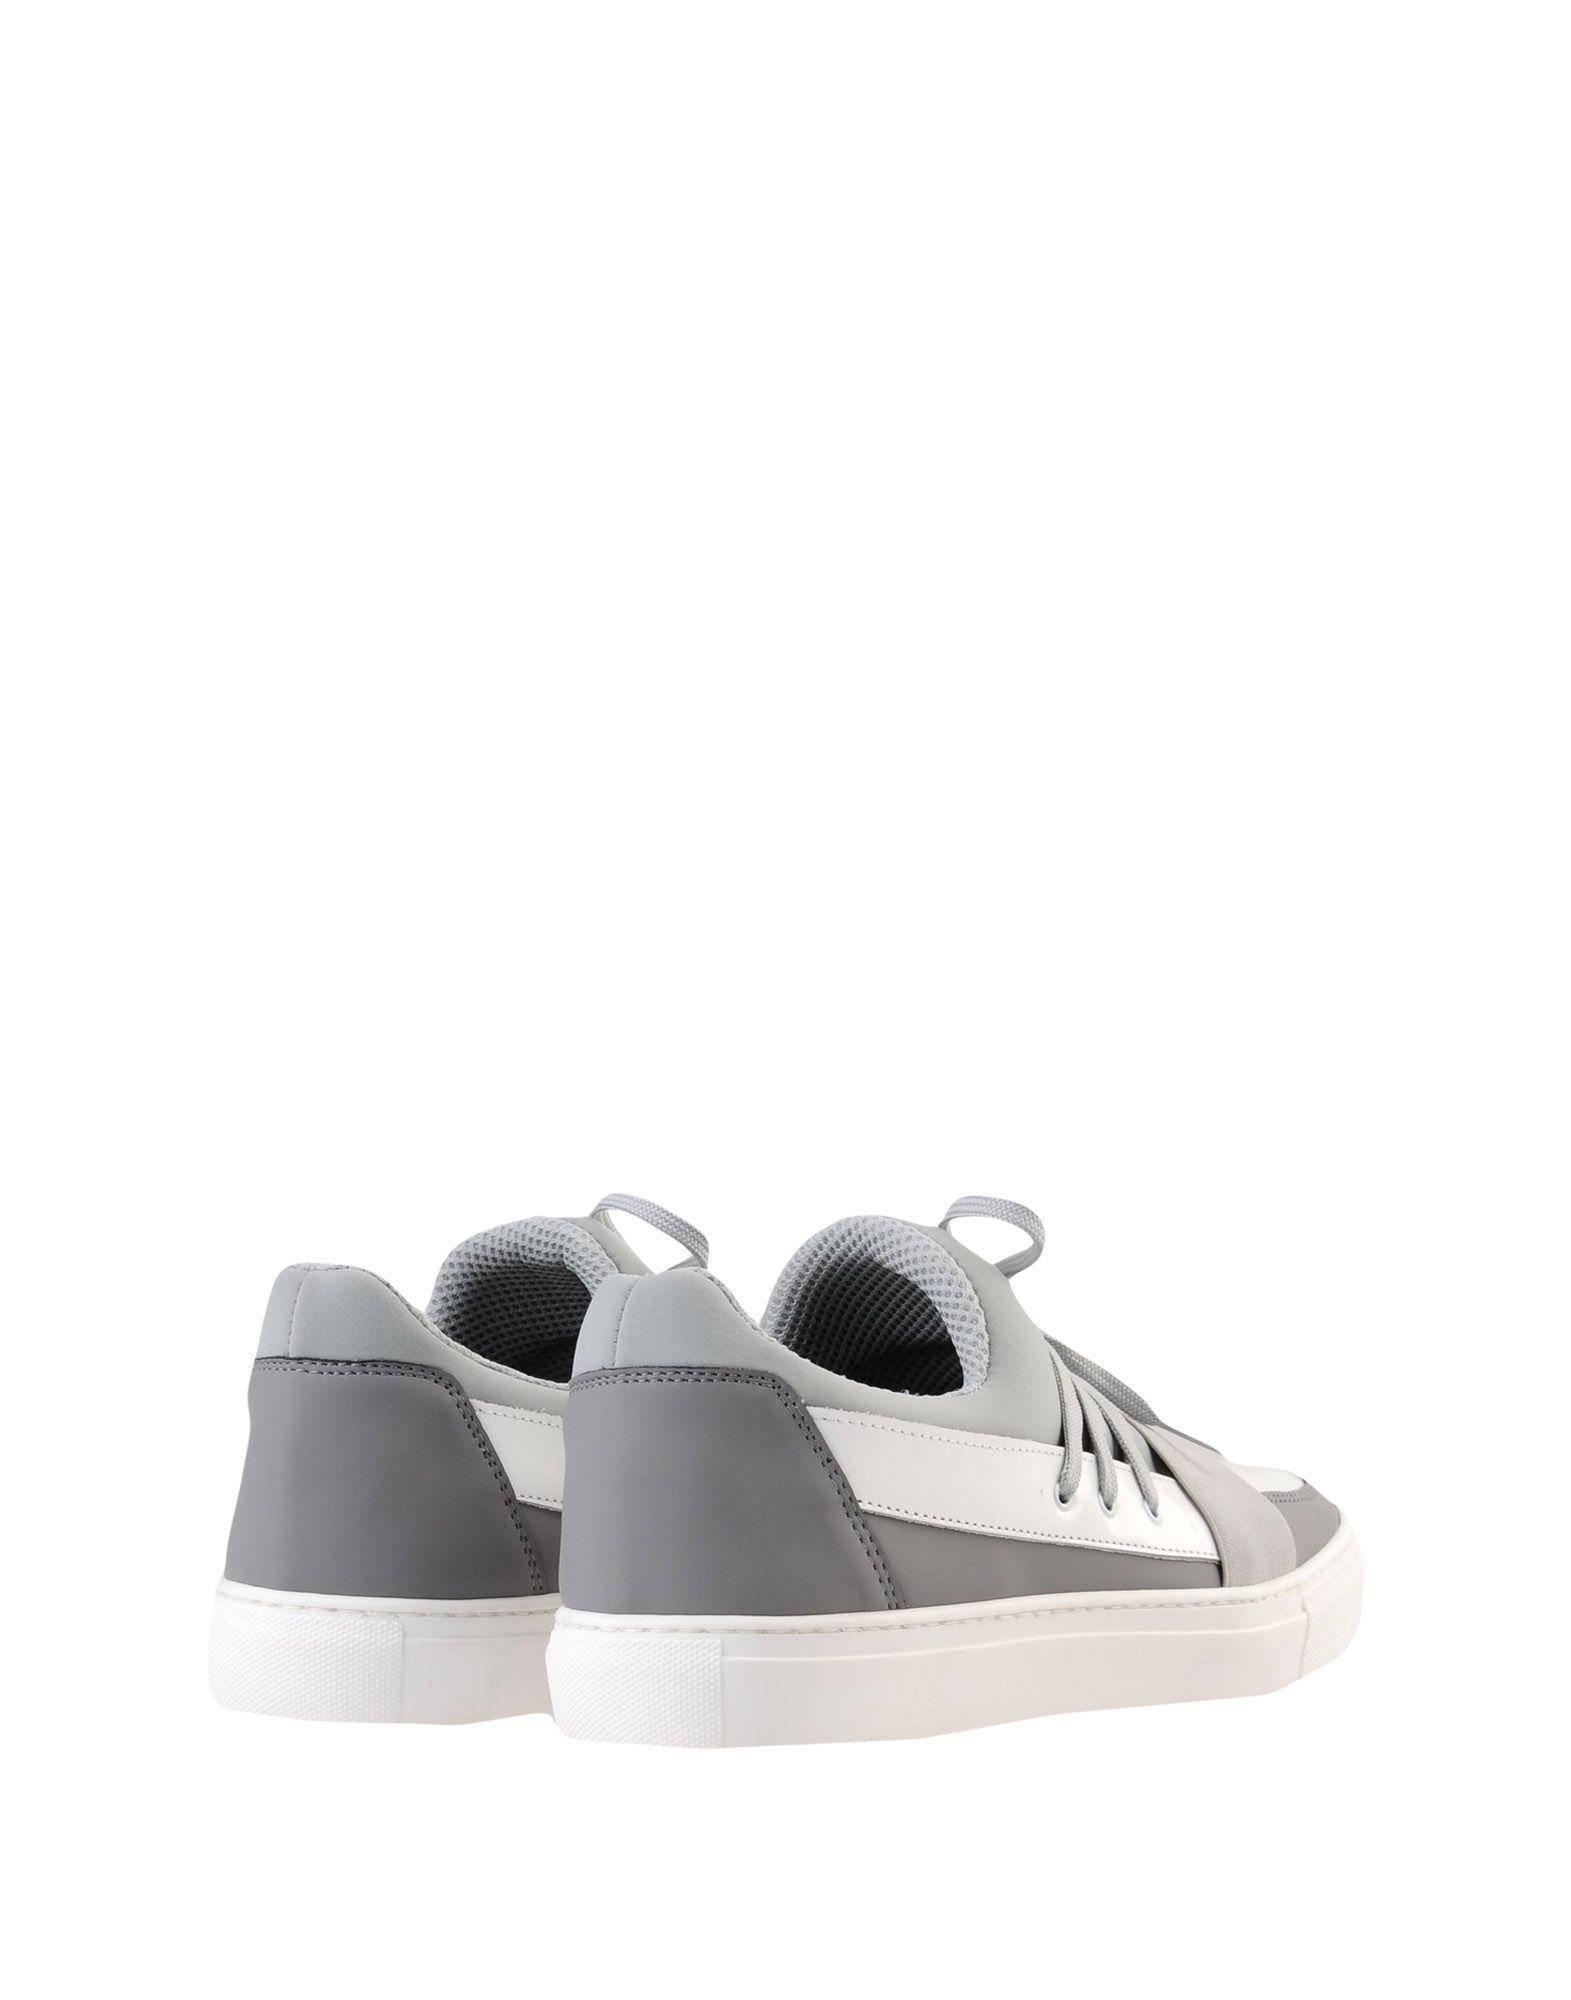 Rabatt echte Schuhe Pierre Darré 11536181GO Sneakers Herren  11536181GO Darré 7f2102